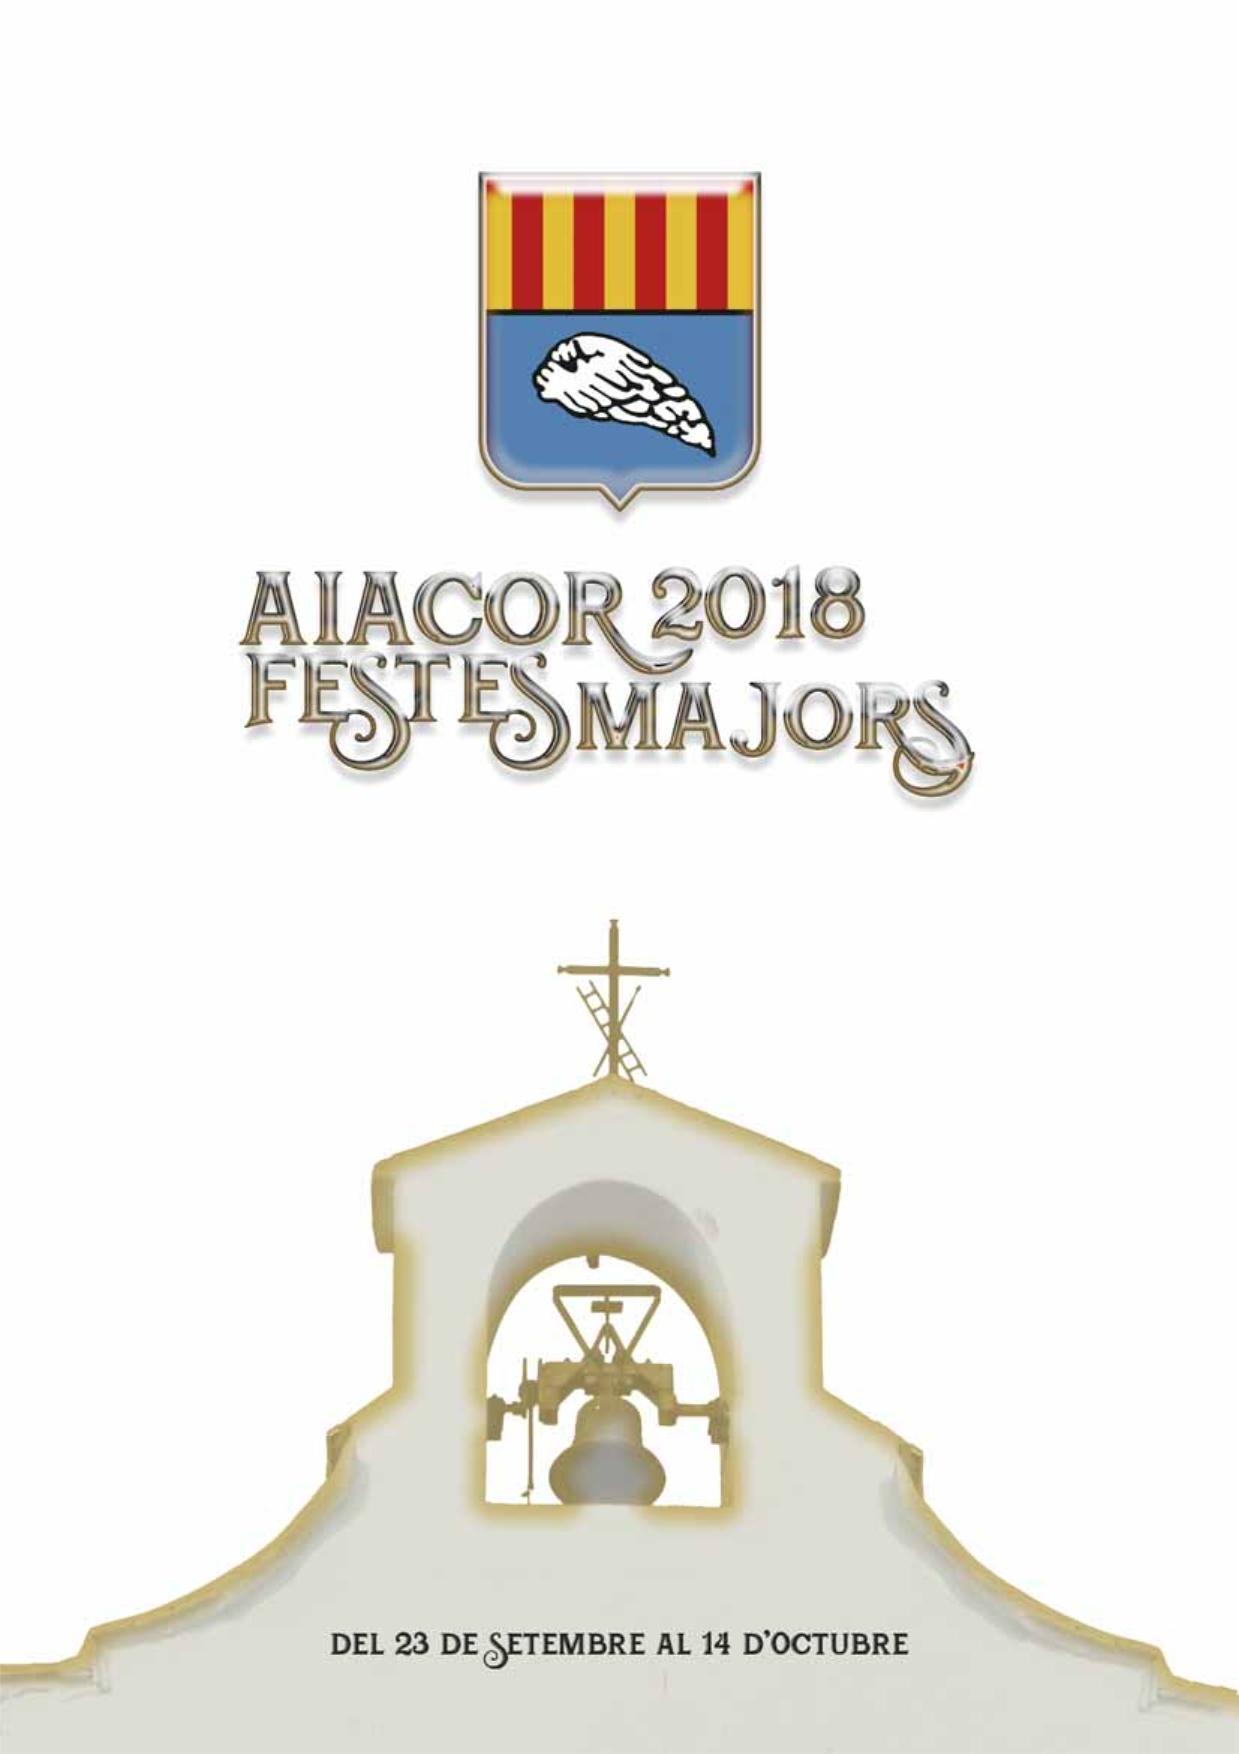 Programació de les Festes Majors d'Aiacor 2018